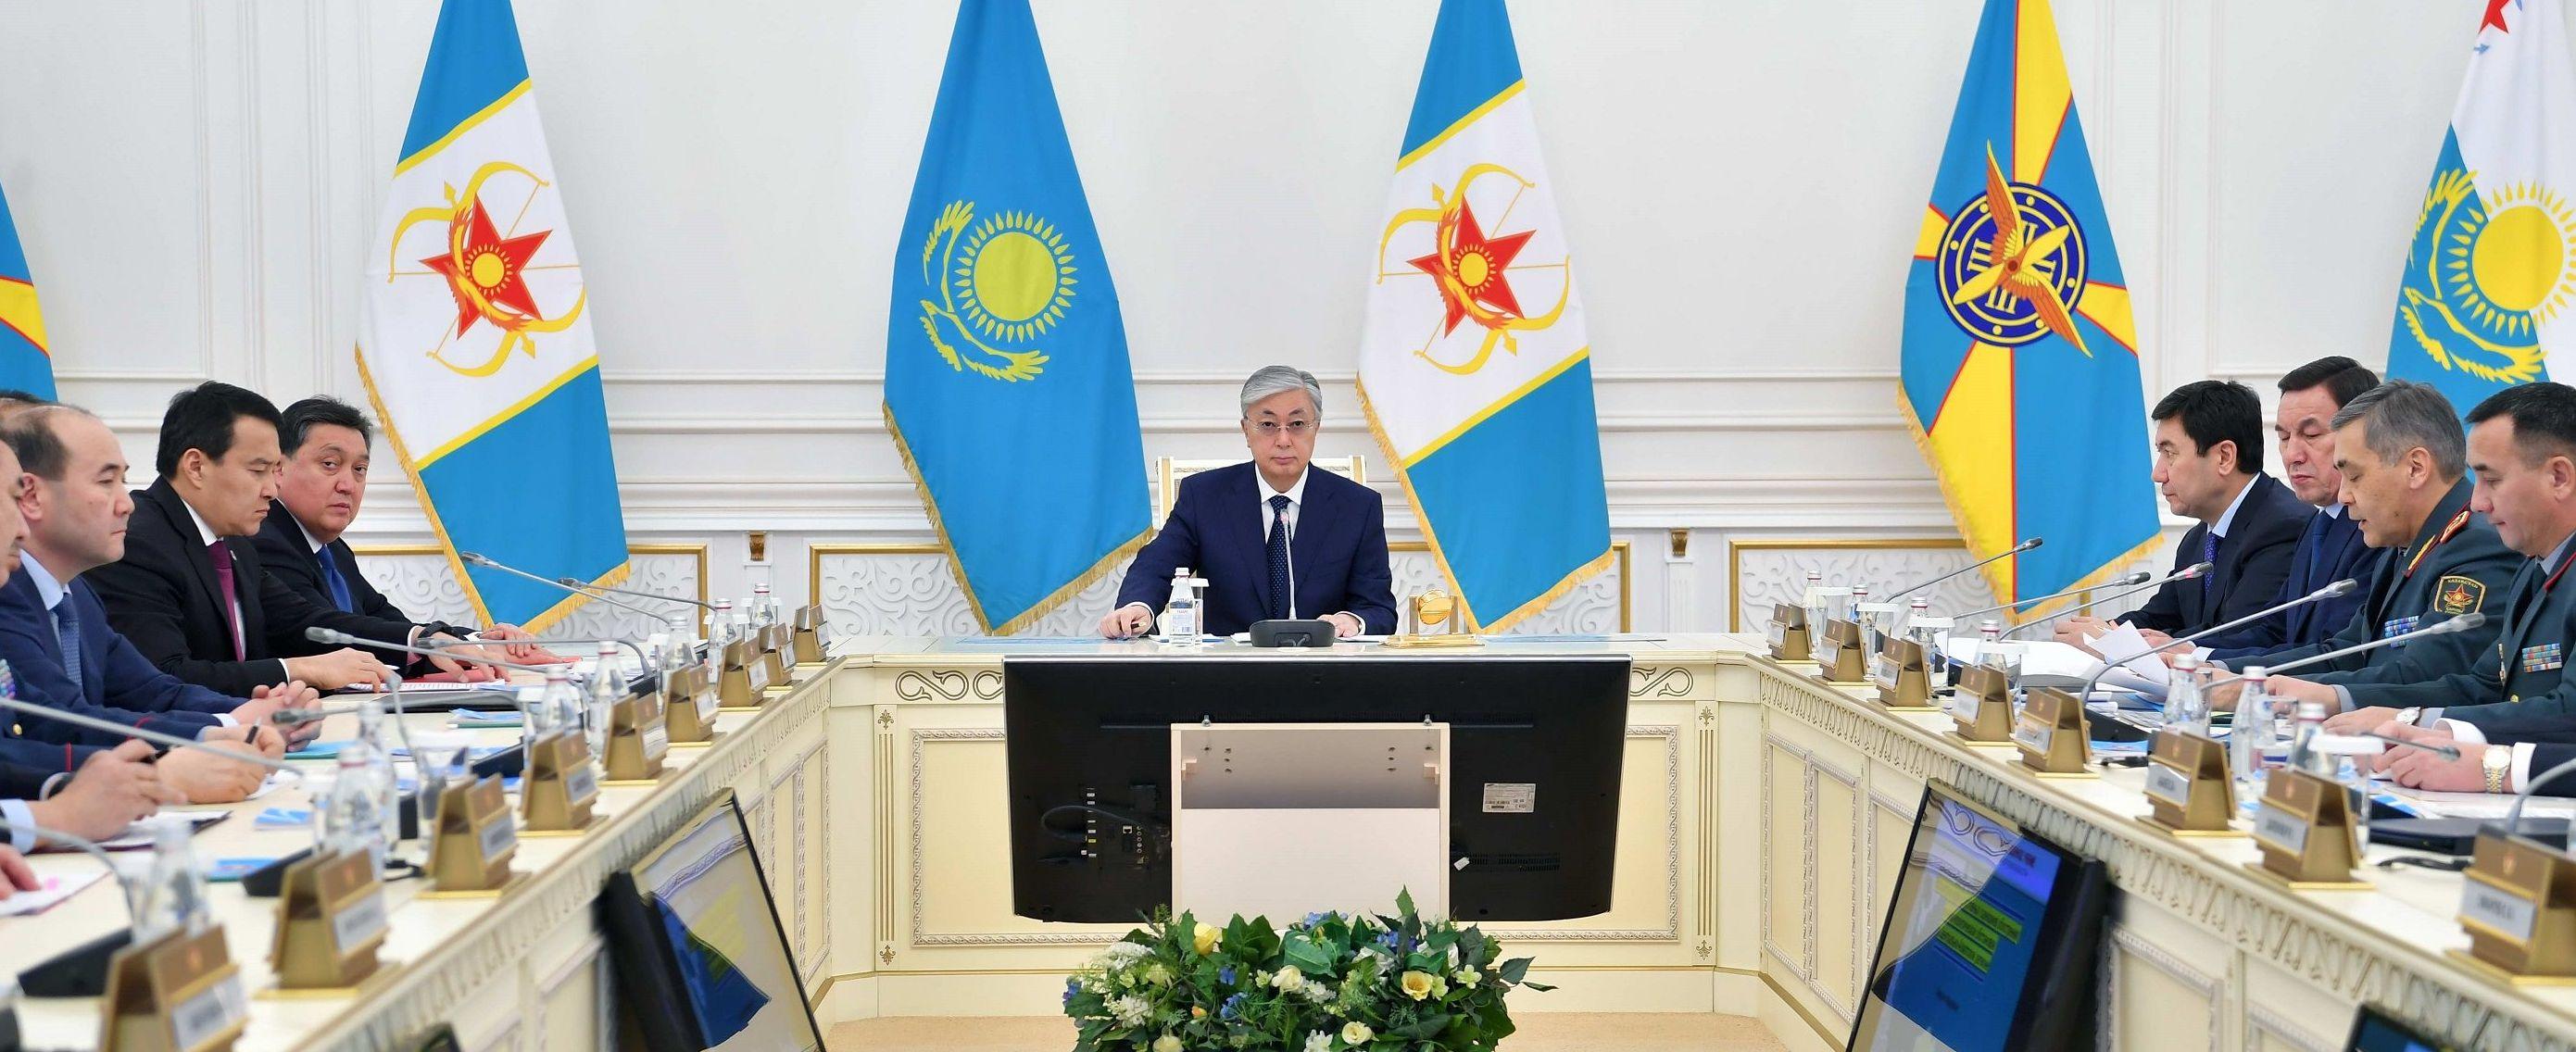 Касым-Жомарт Токаев принял участие в стратегических командно-штабных учениях